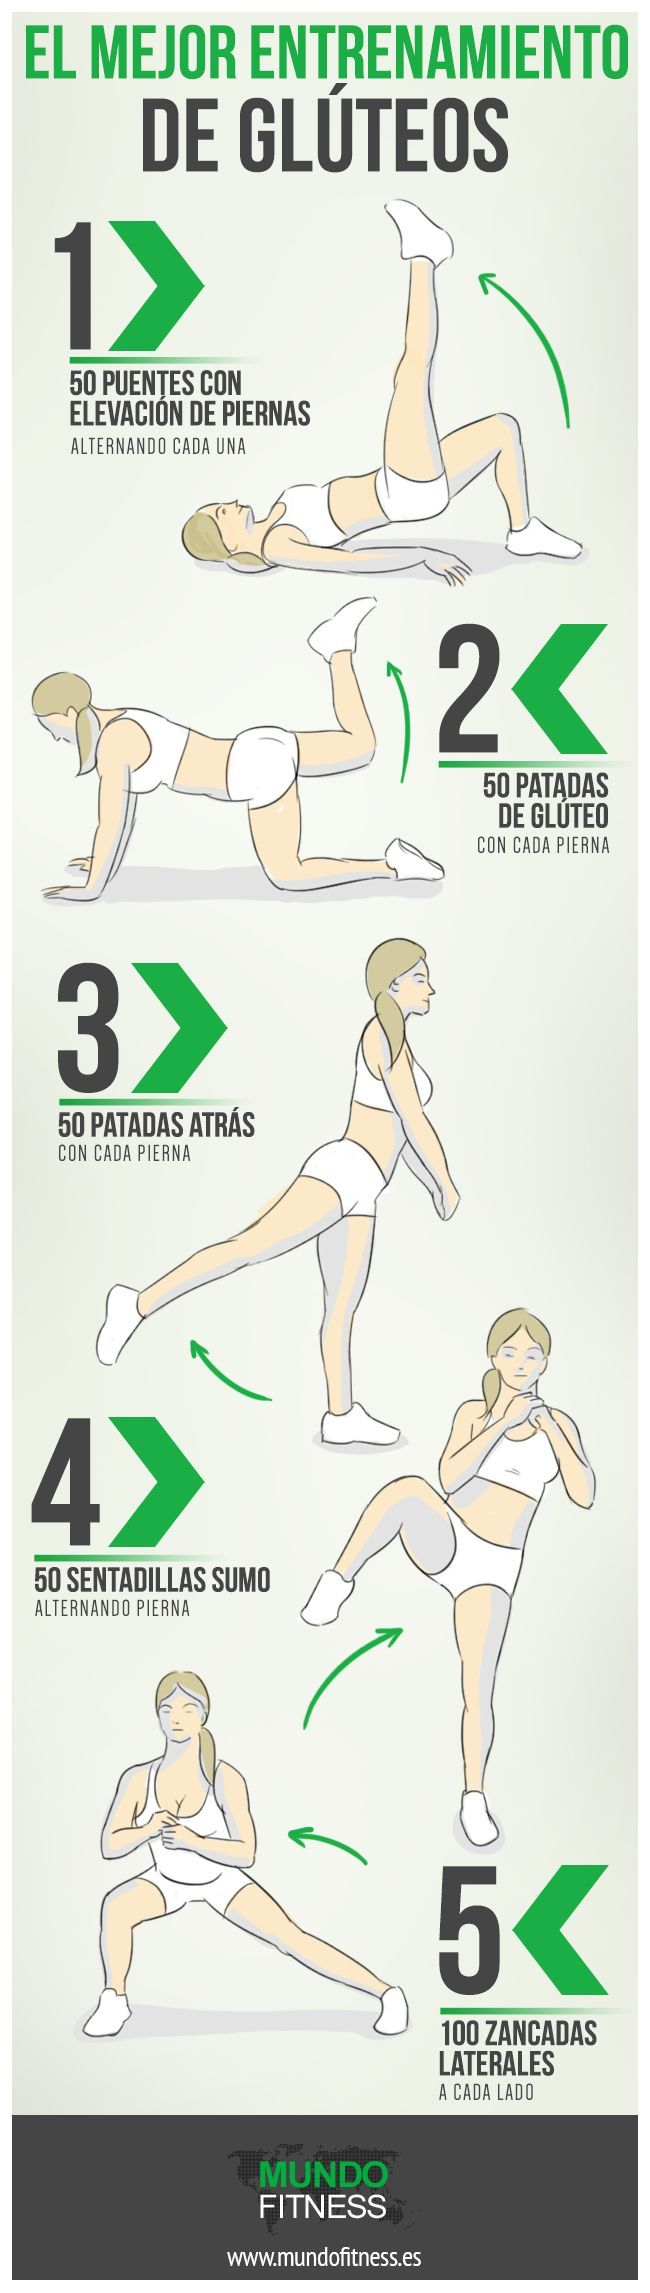 Para tener glúteos buenos https://es.pinterest.com/estrellitap0063/tips-de-ejercicio/ #ejercicio